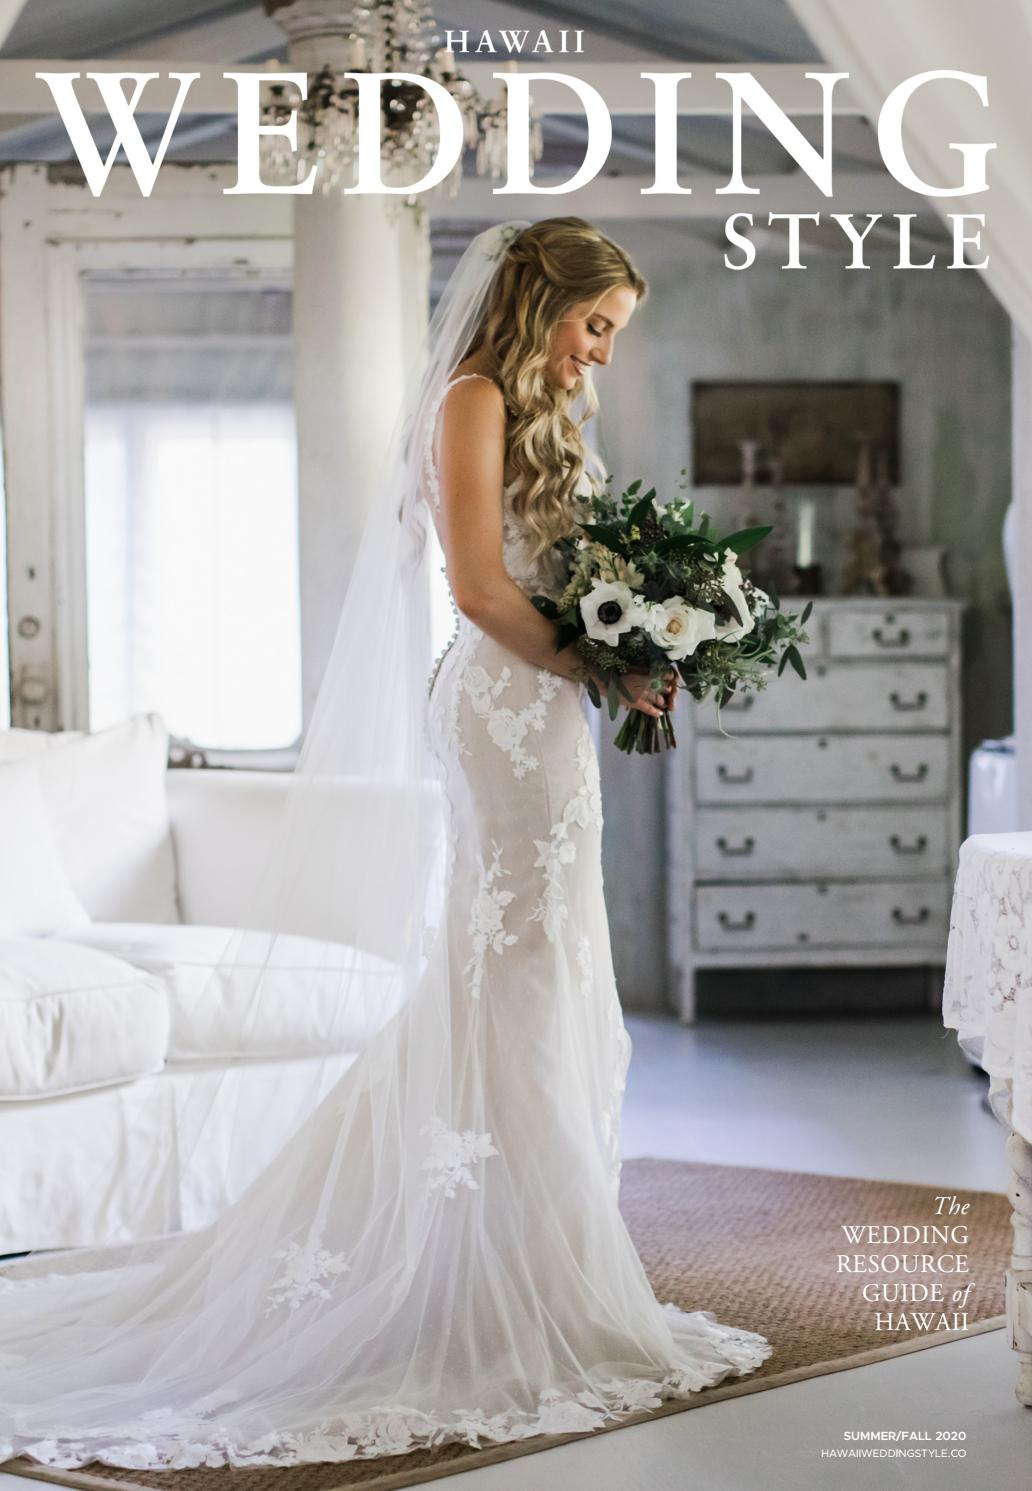 Hawaii Wedding Style   Summer/Fall 18 by Hawaii Wedding Style ...